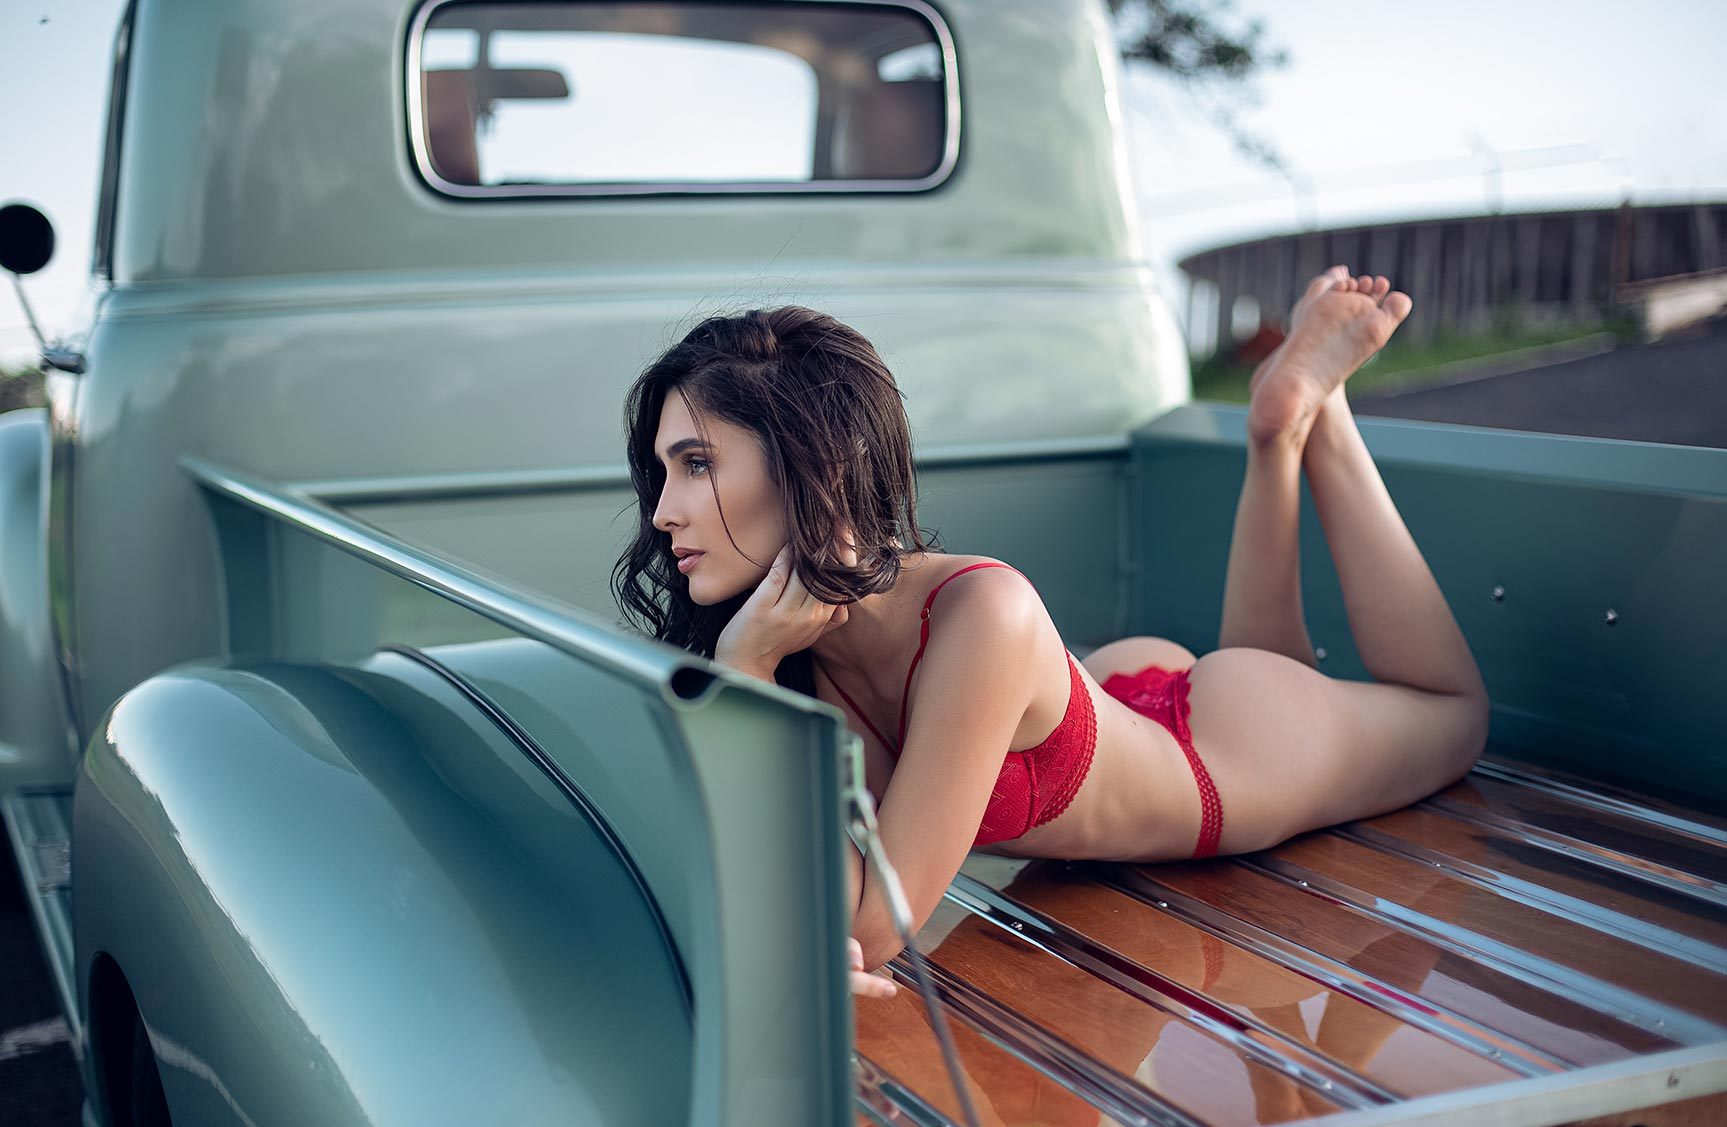 срочный автосервис / девушка с гаечными ключами лежит под машиной на пустынной дороге / фото 12